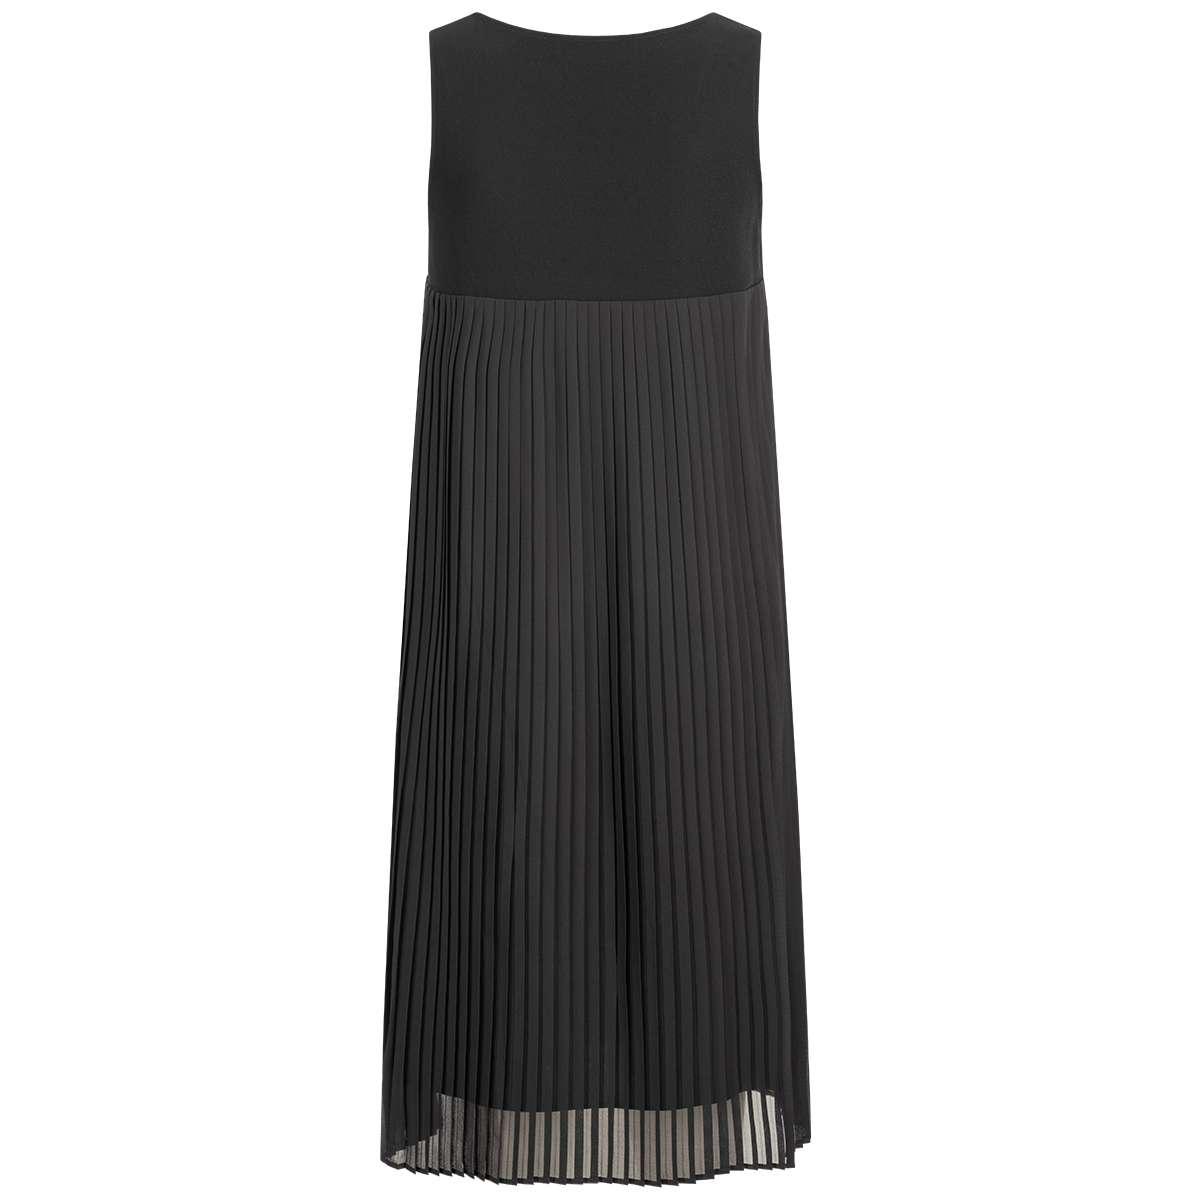 Plissee-Kleid ohne Ärmel | Kleider | KLEIDUNG | Henne Fashion